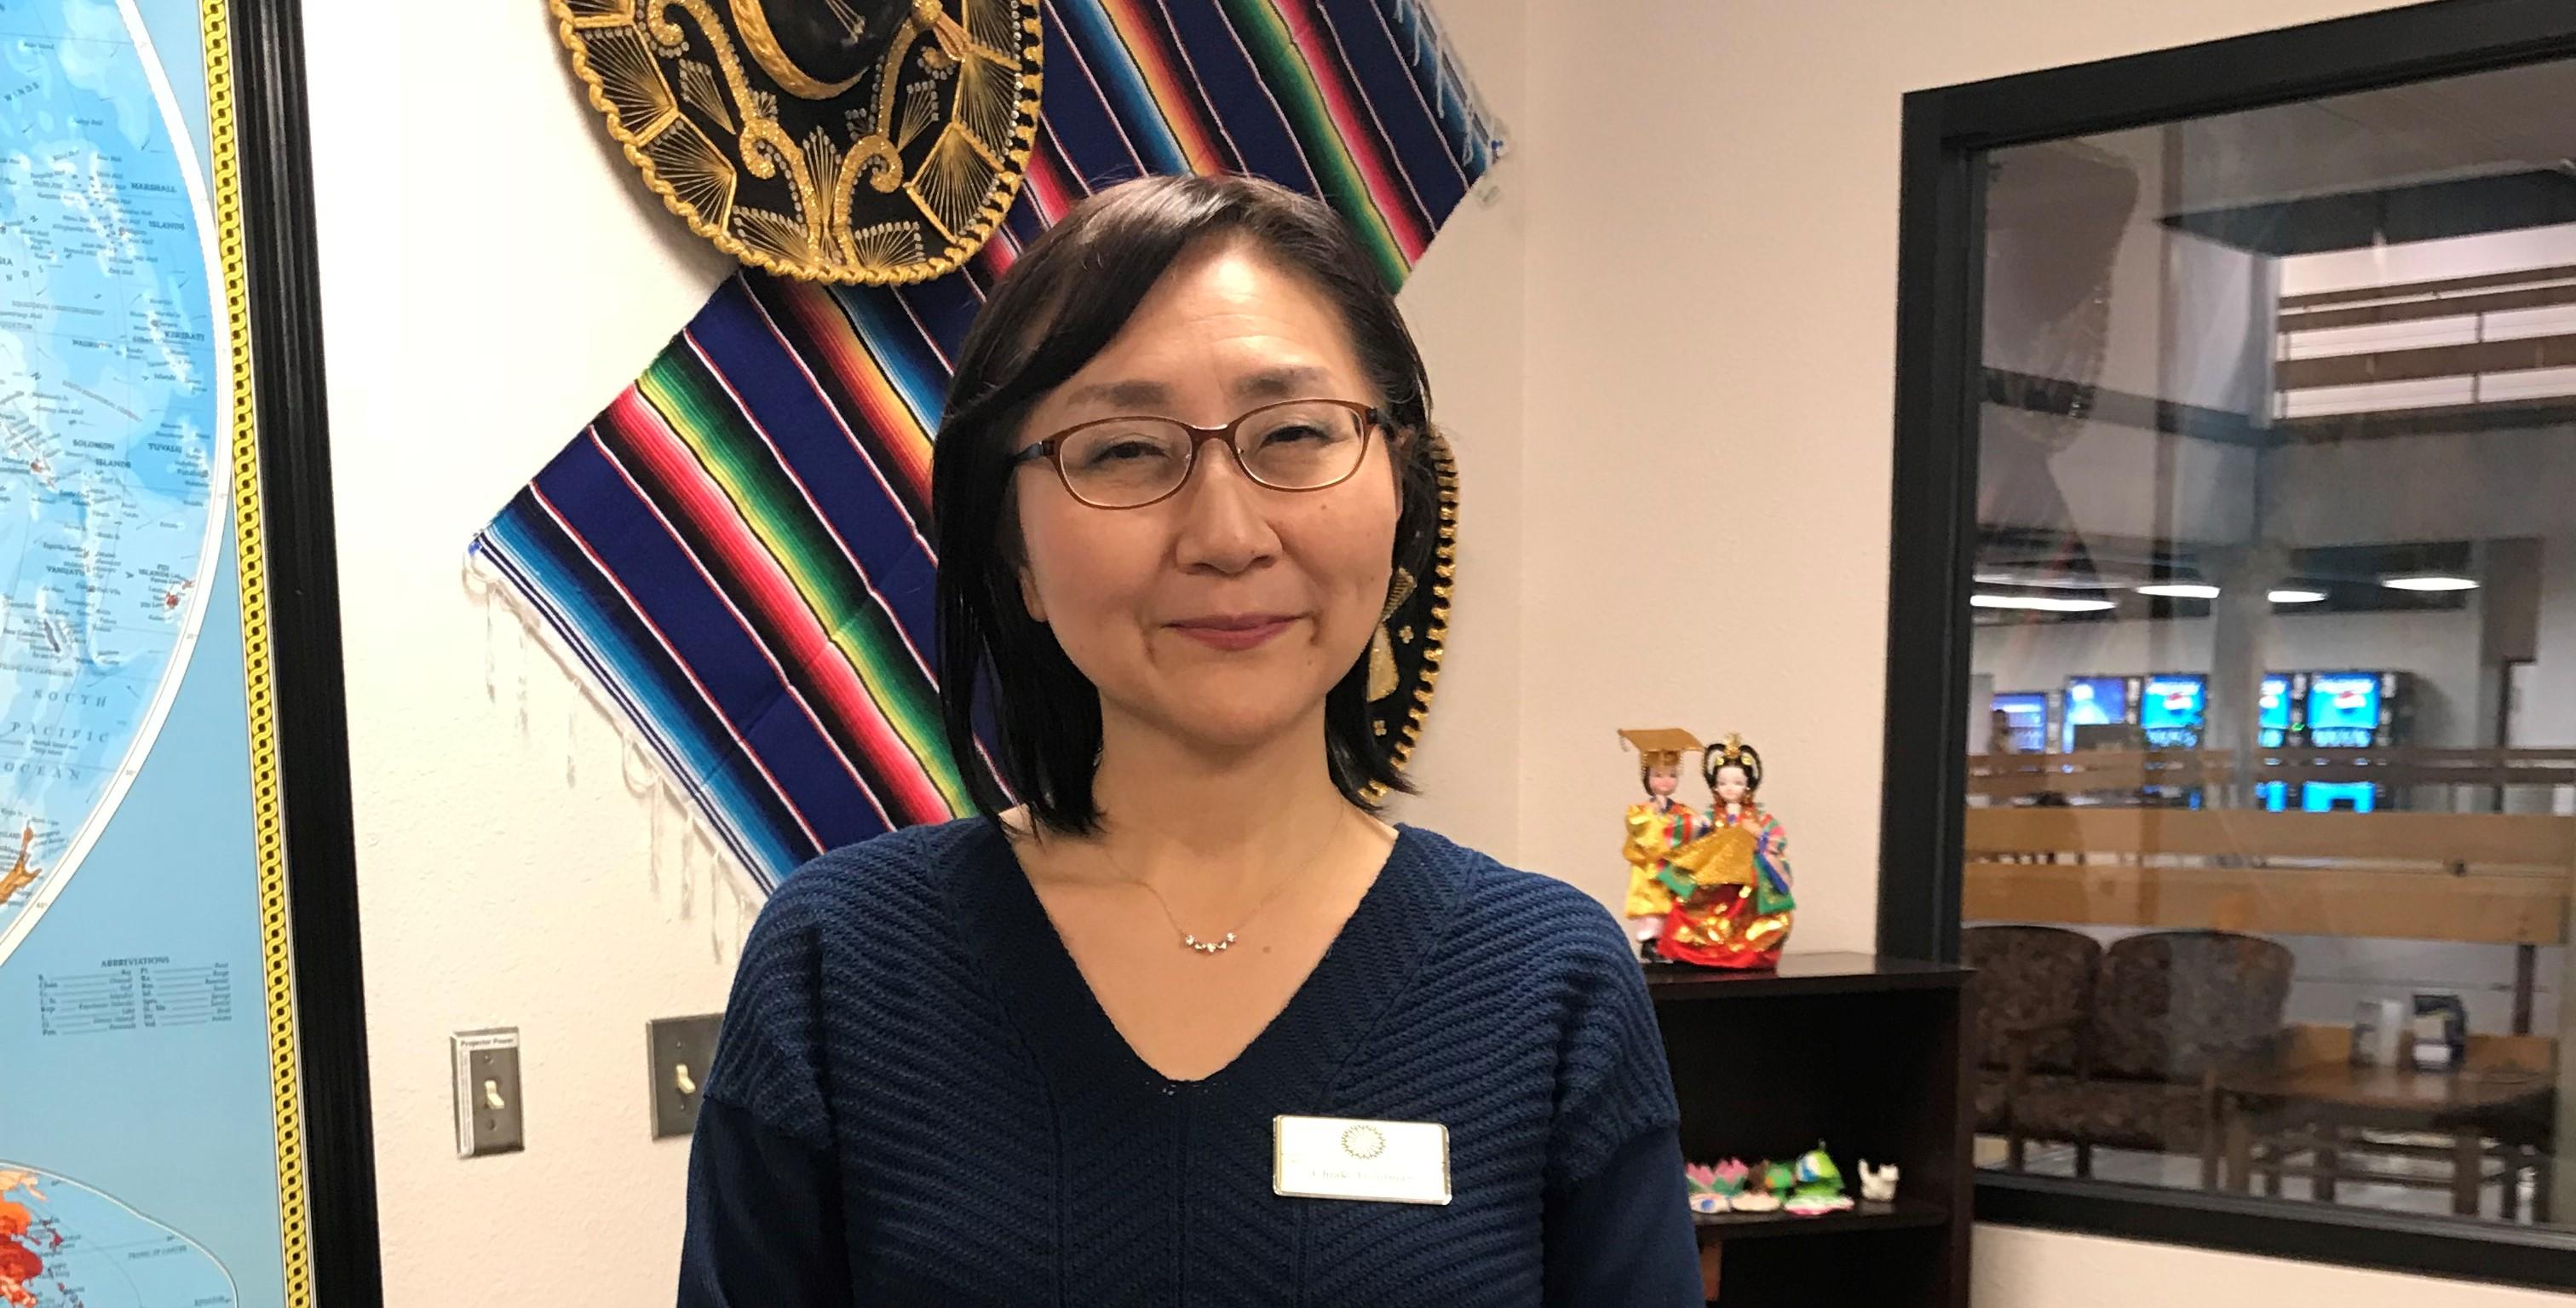 Staff Spotlight: Meet Chiaki Troutman